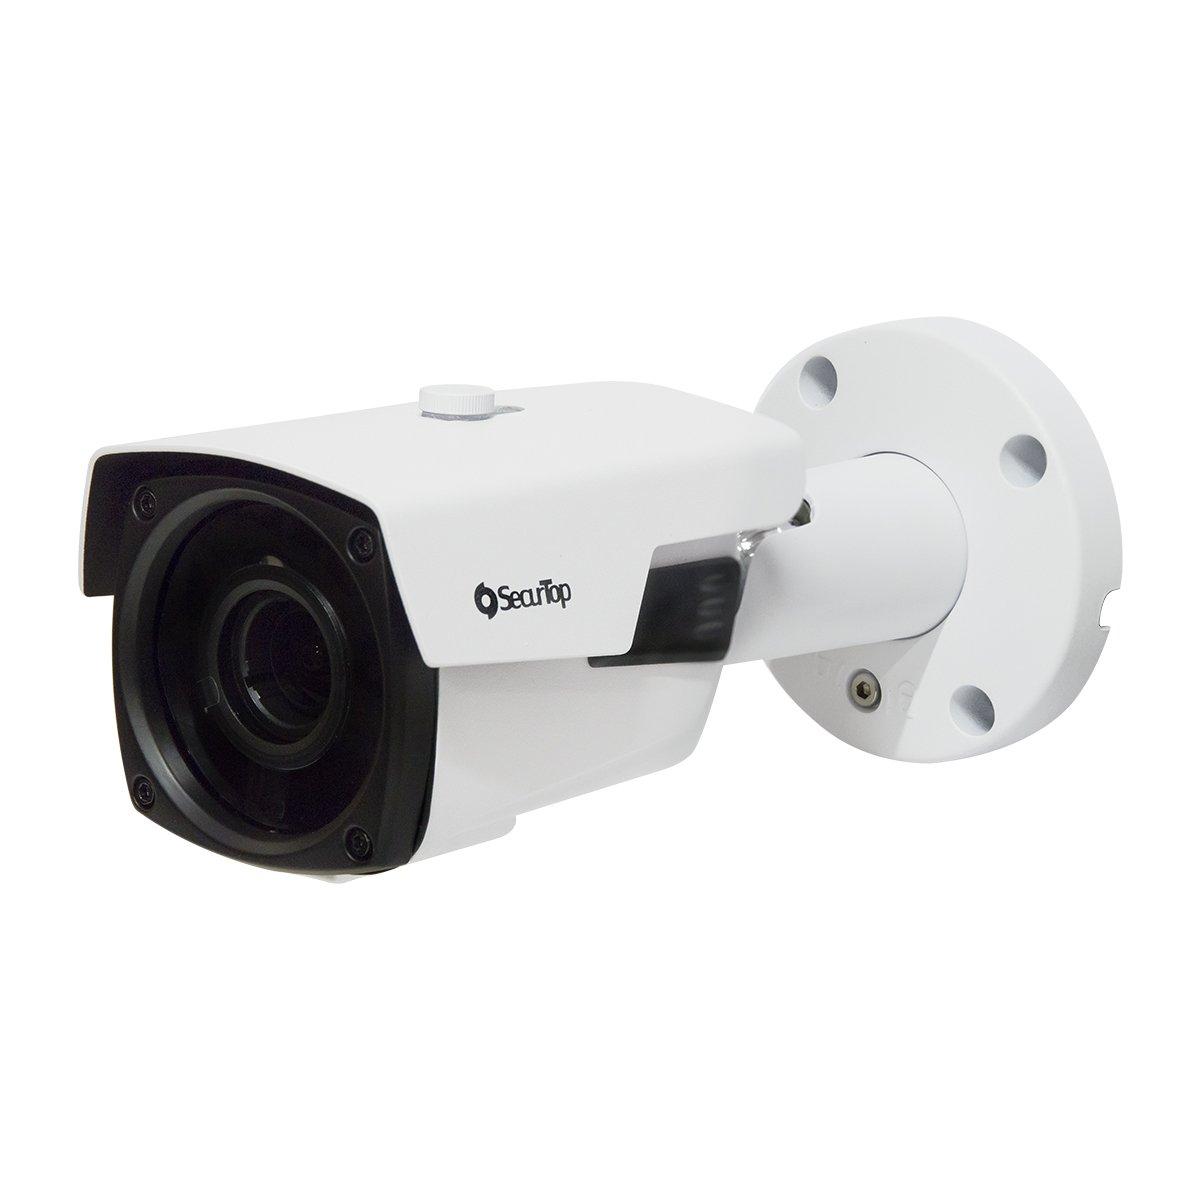 Telecamera 8 Megapixel - Varifocale 2,8-12mm - 4 LED Array